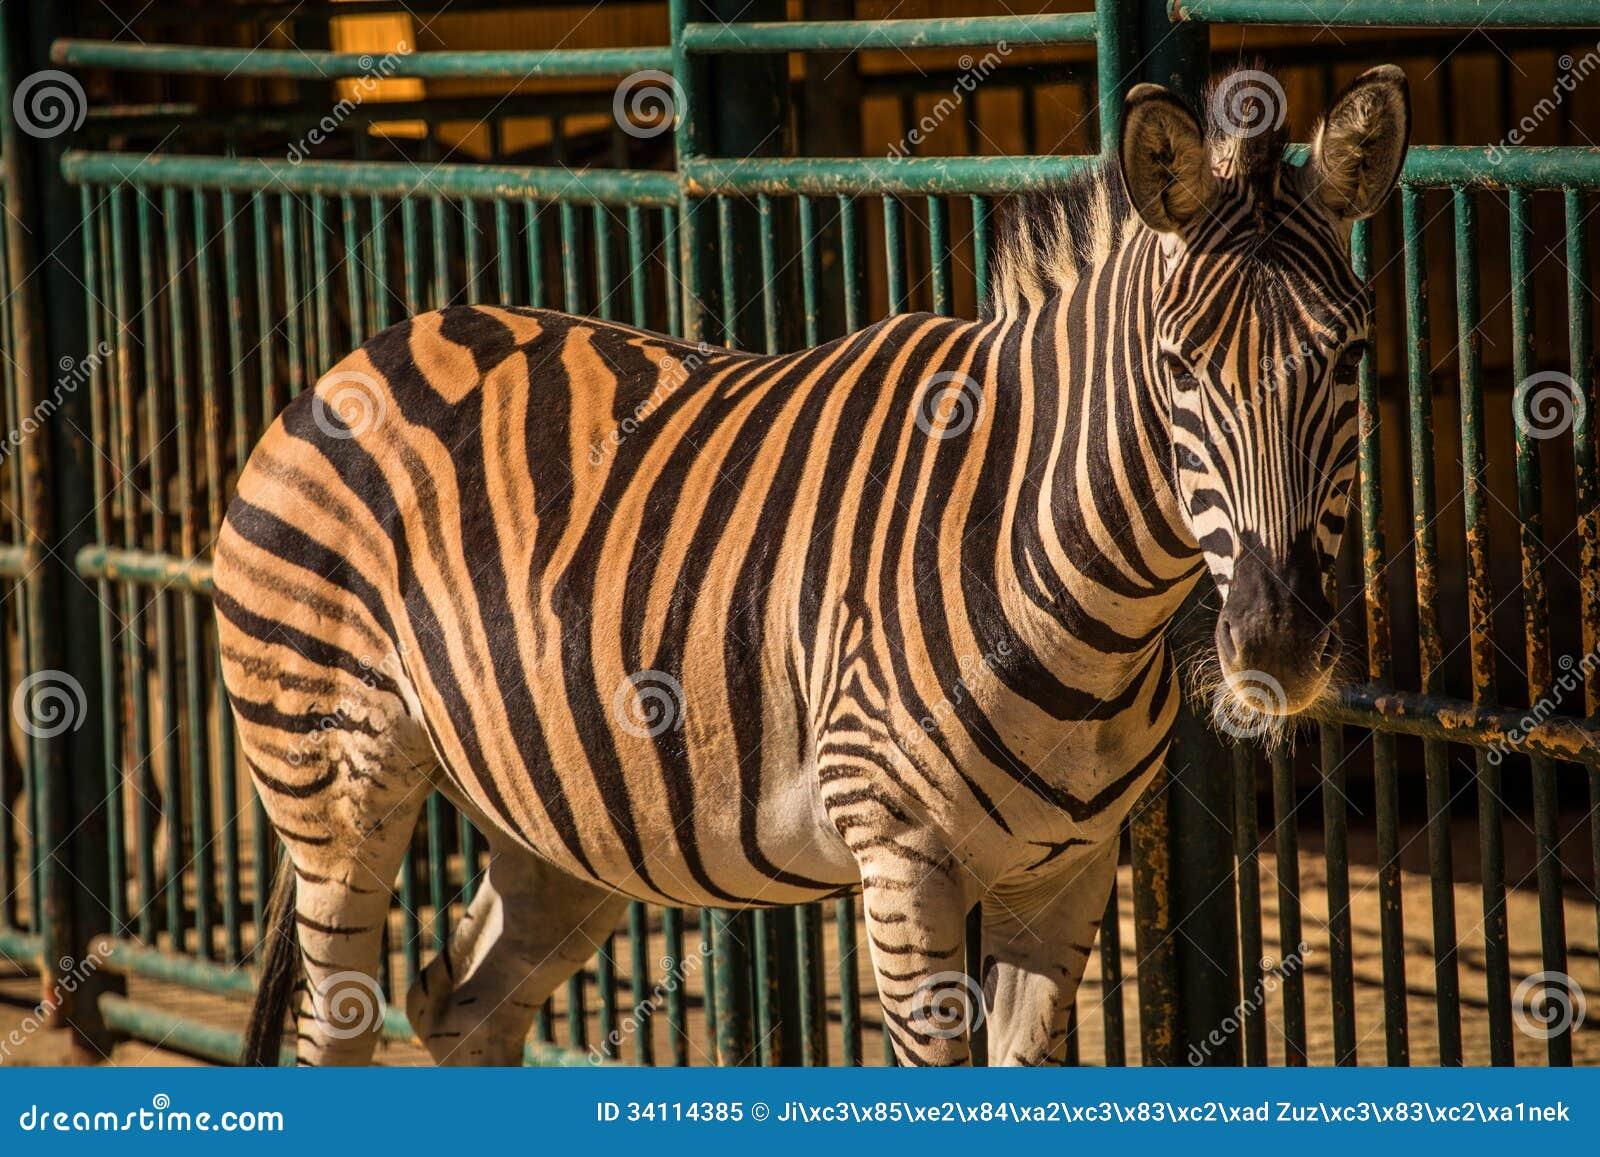 Zebra in captivity